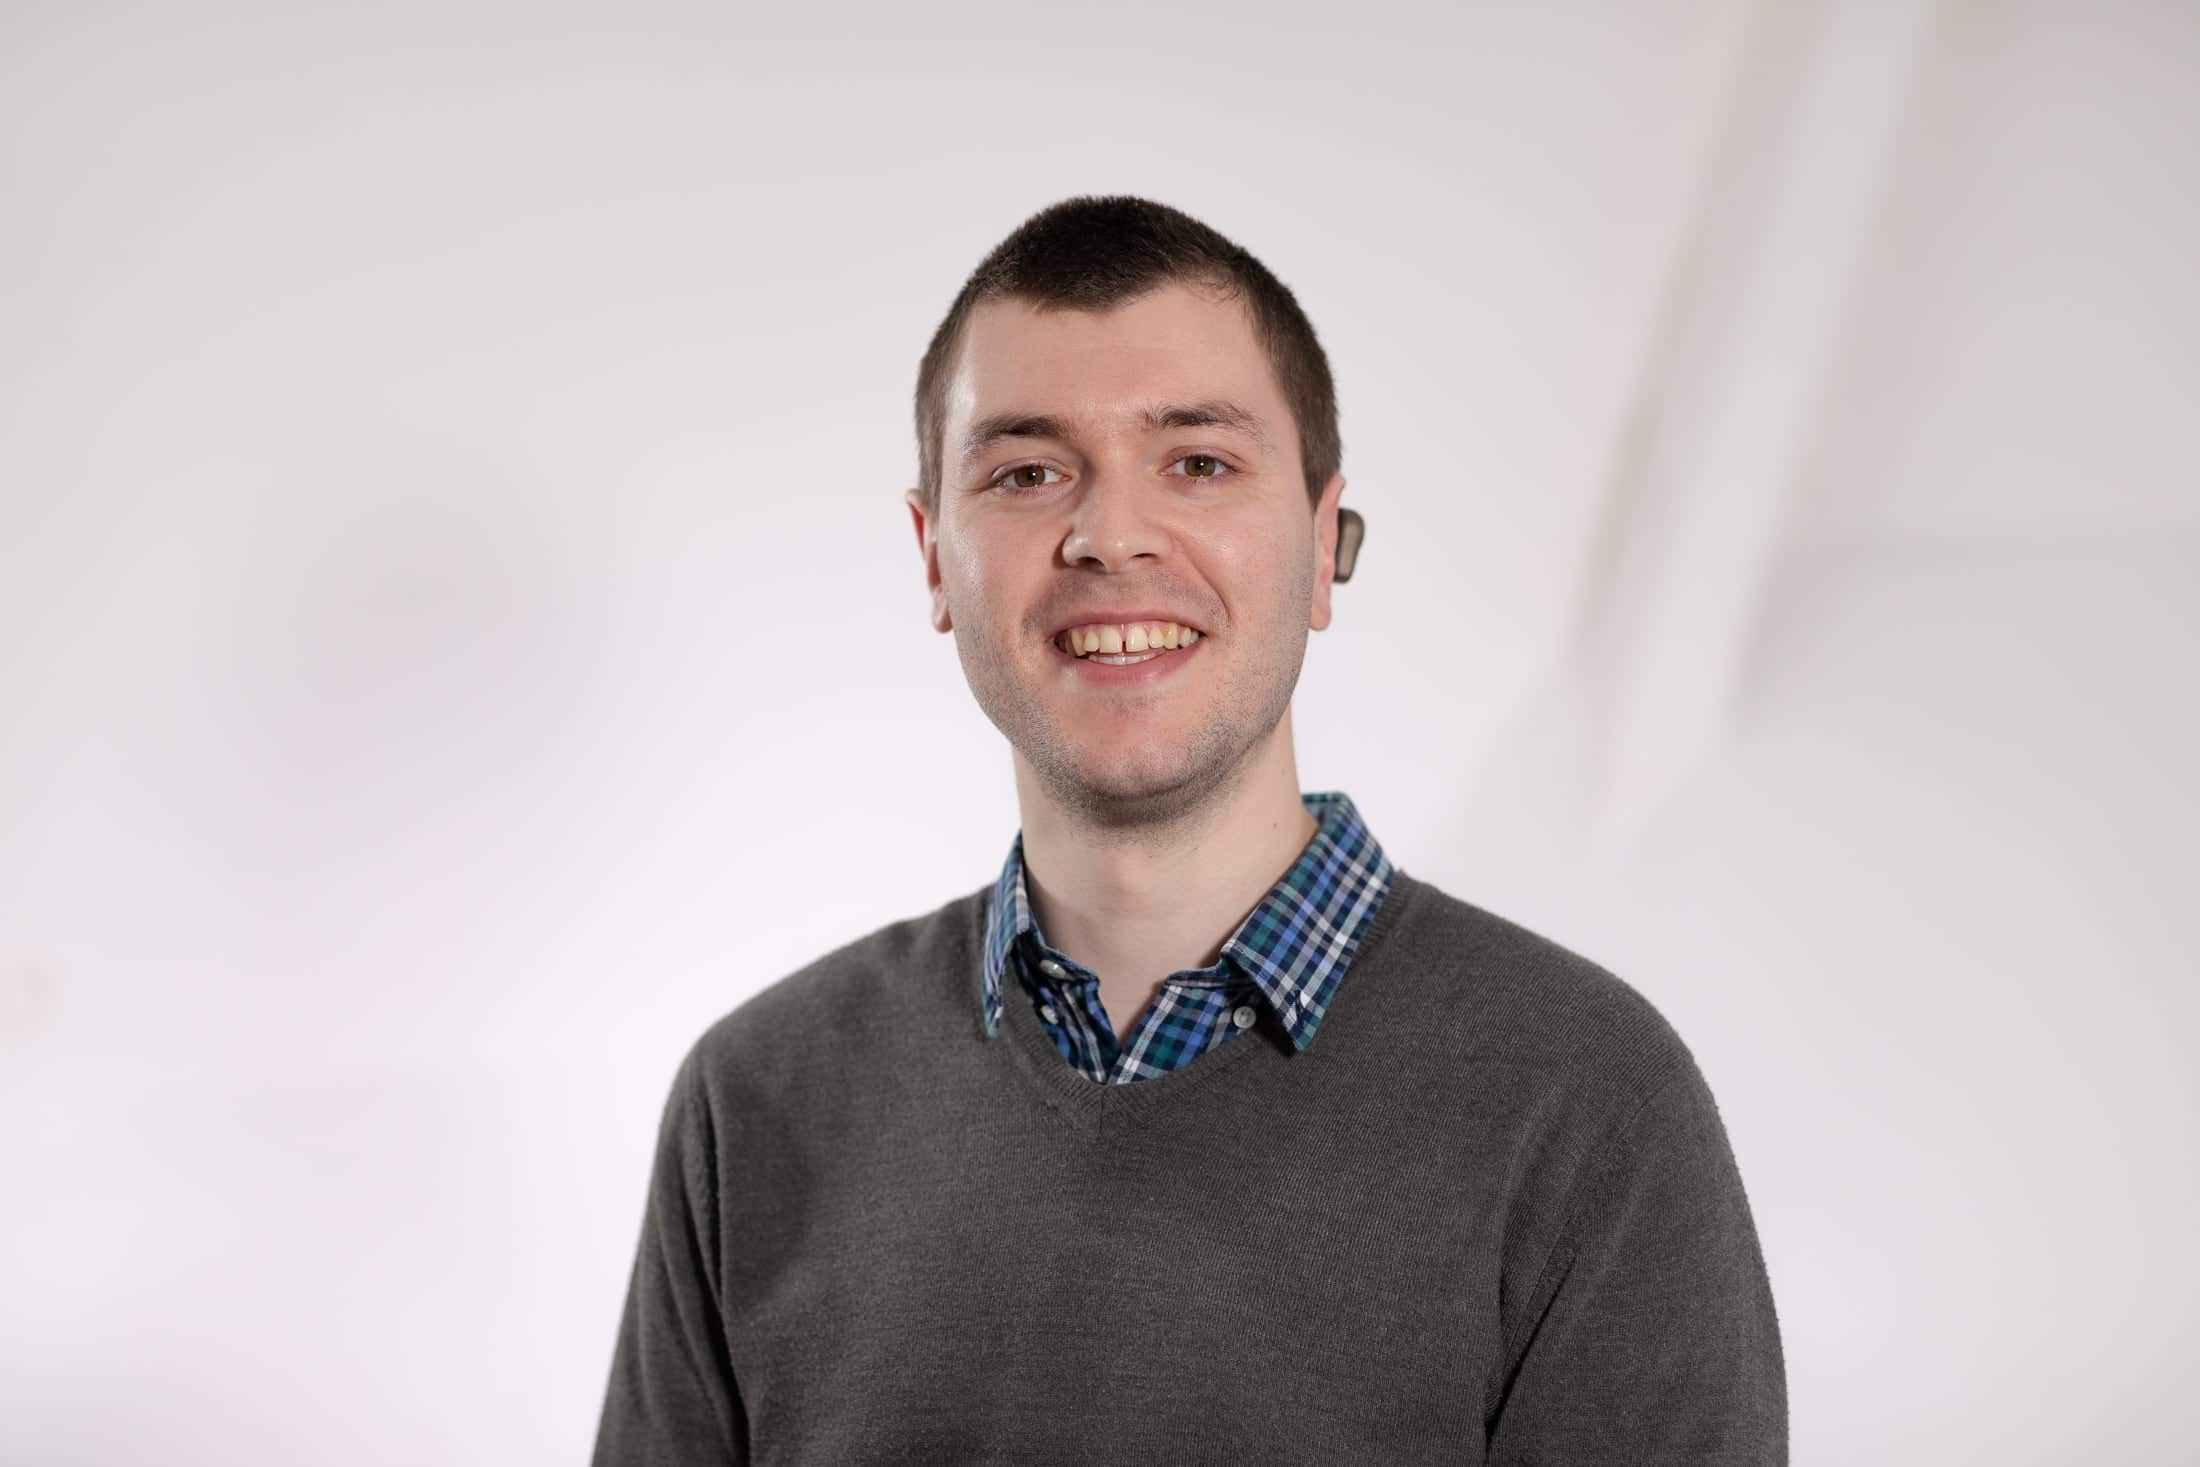 A photo of Mathew Teague smiling.